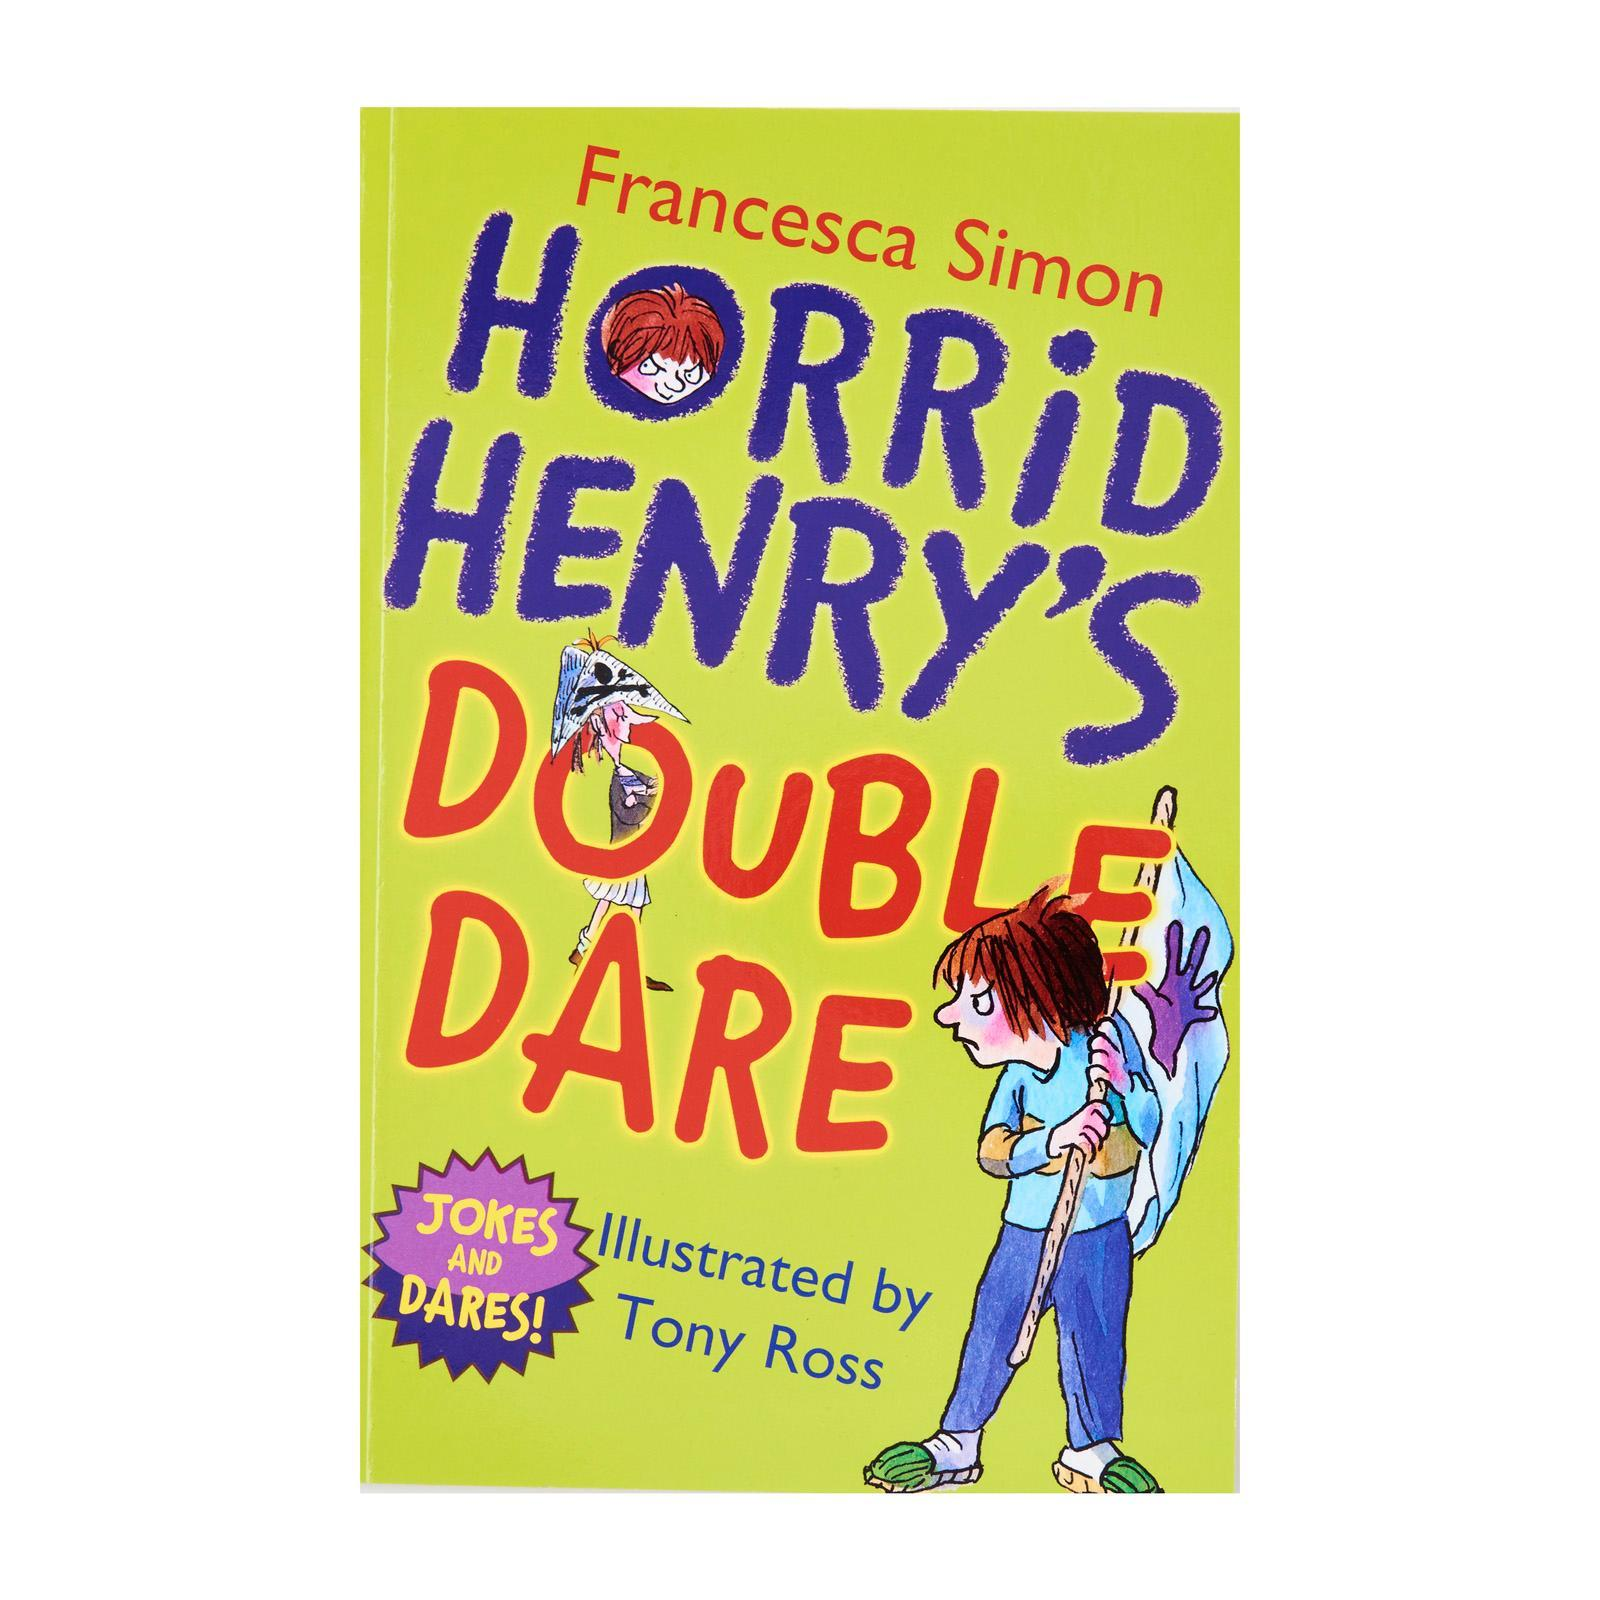 Horrid Henry By Tony Ross Horrid Henry's Double Dare